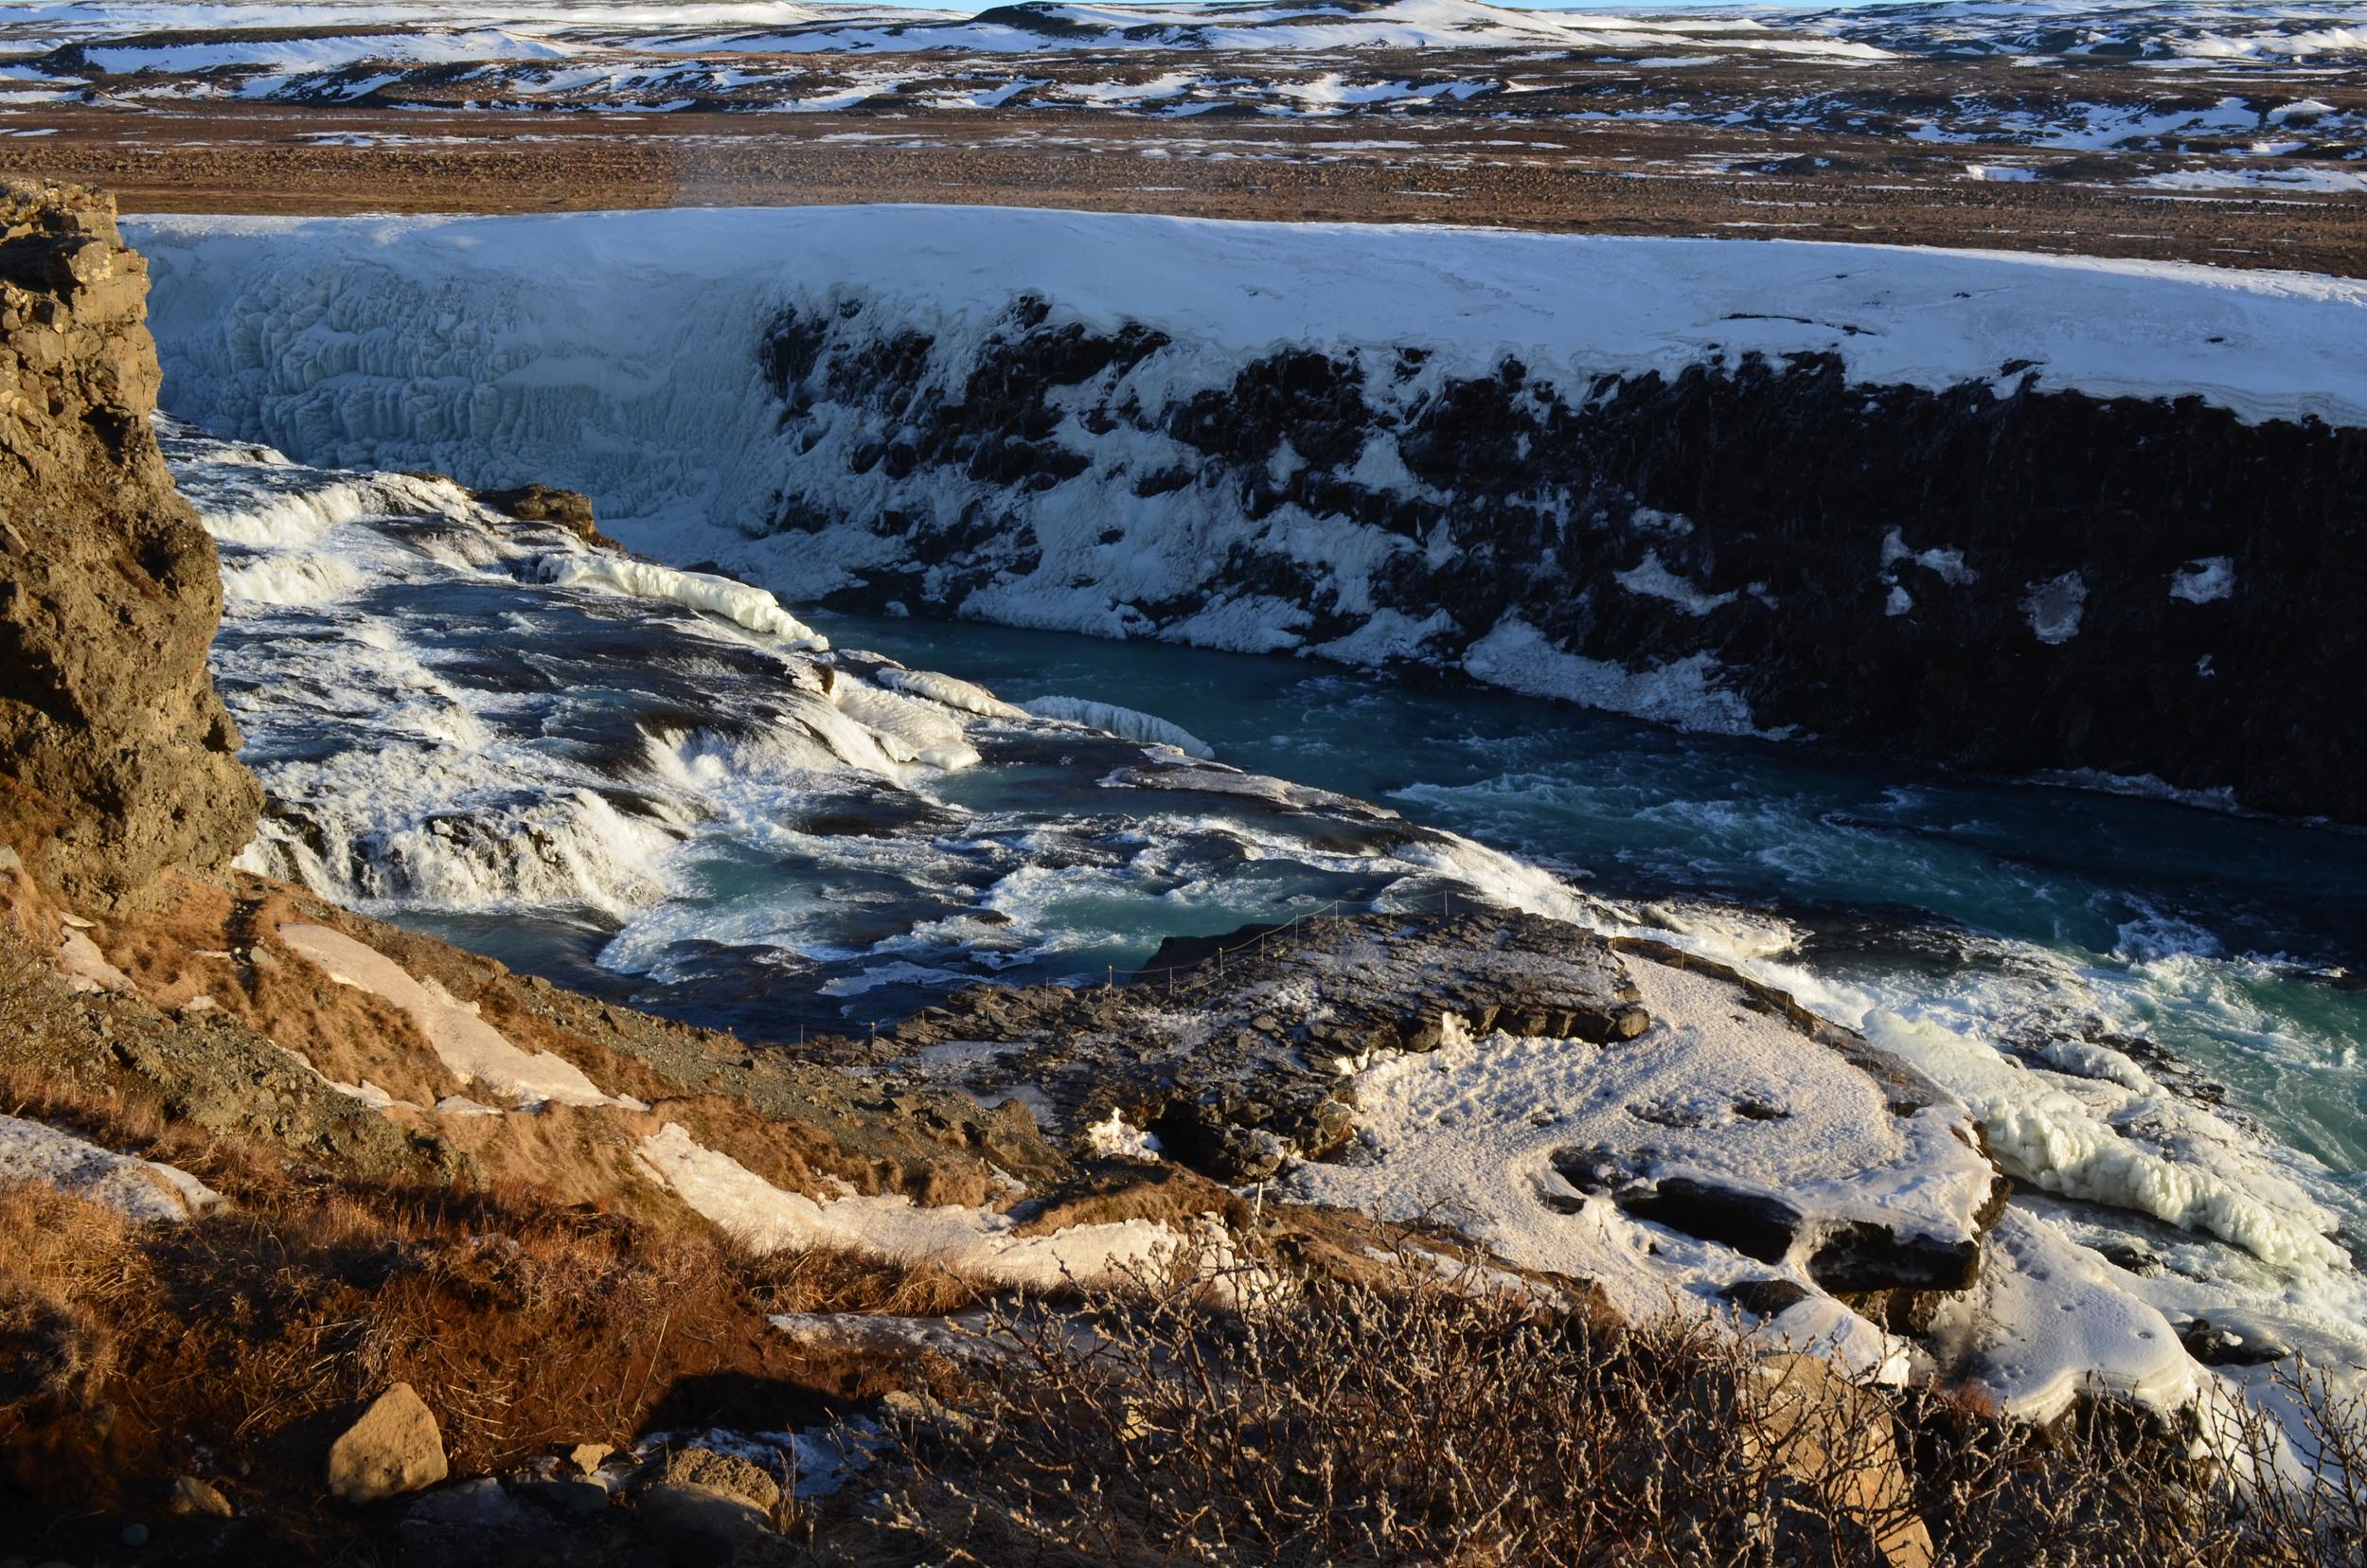 The waterfalls of Gullfoss (Golden Falls)